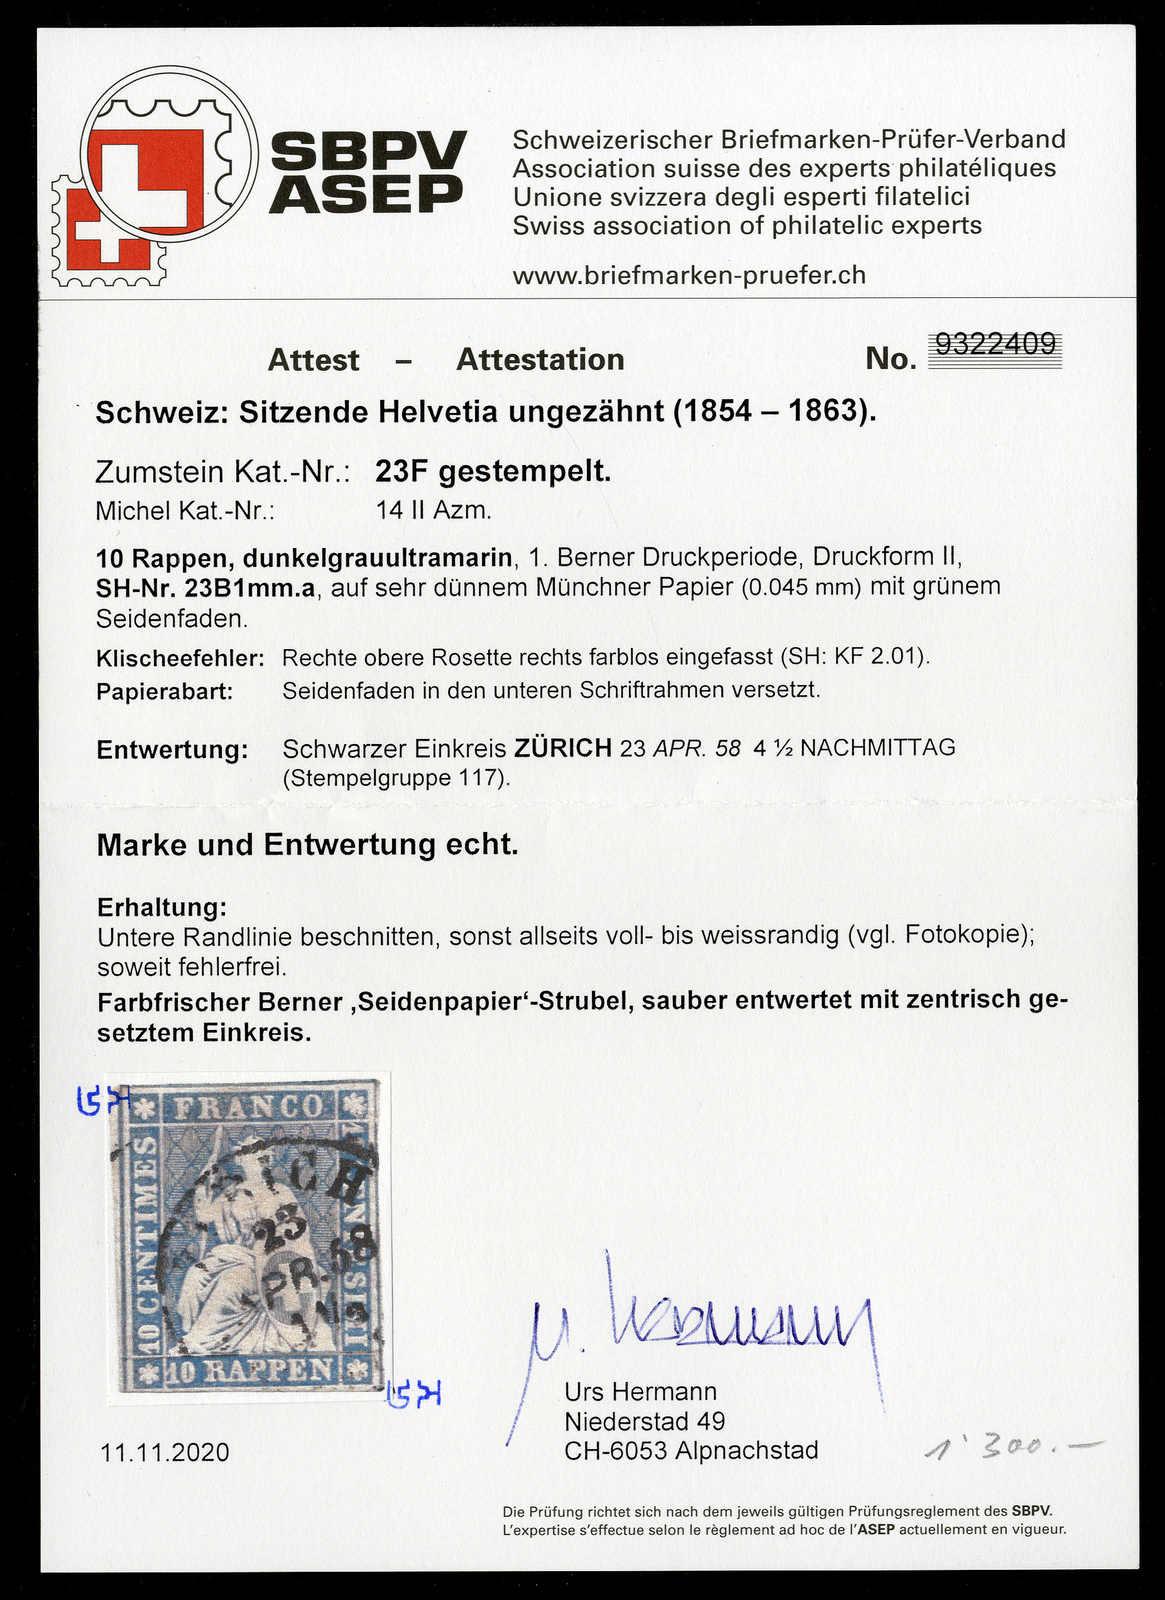 Lot 62 - sammlungen und posten sammlungen und posten altschweiz -  Rolli Auctions Auction #68 Day 1